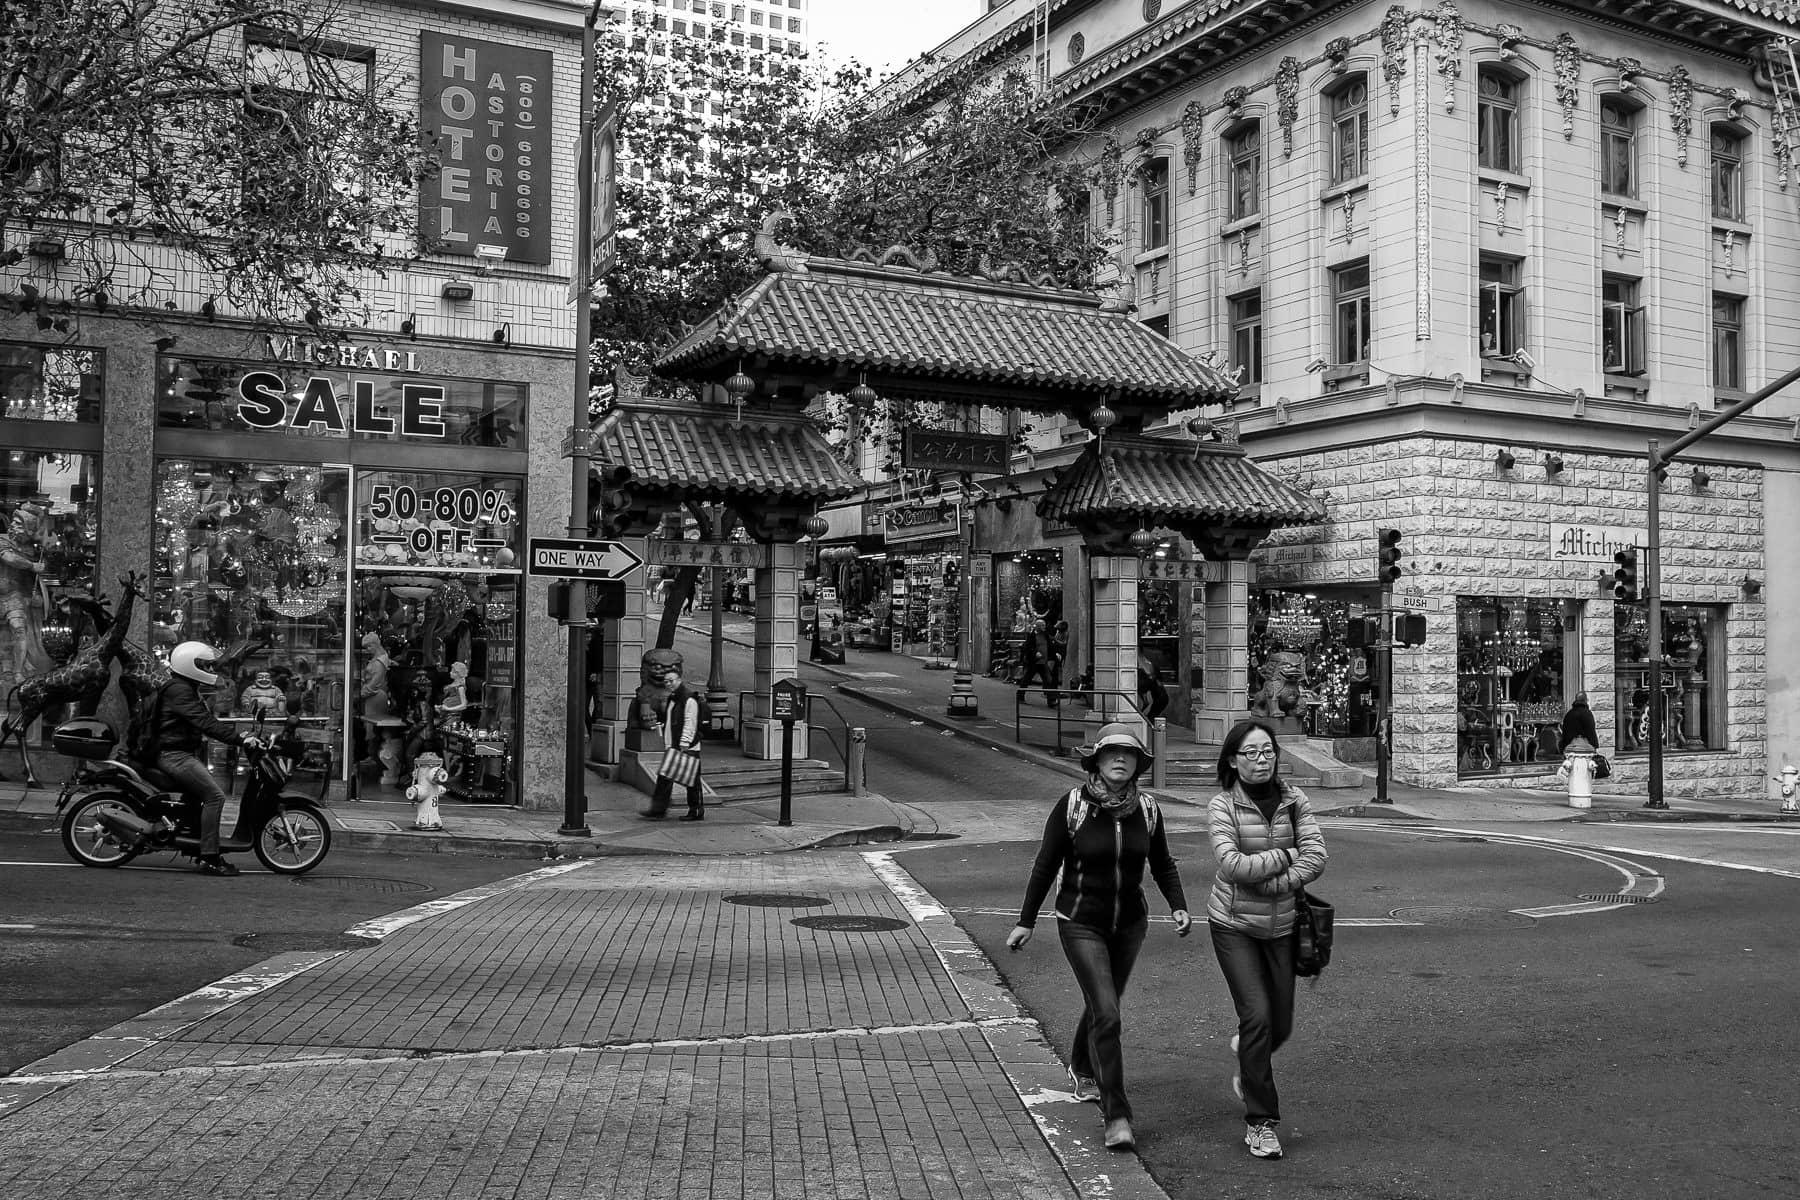 The Chinatown Dragon's Gate along San Francisco's Bush Street.